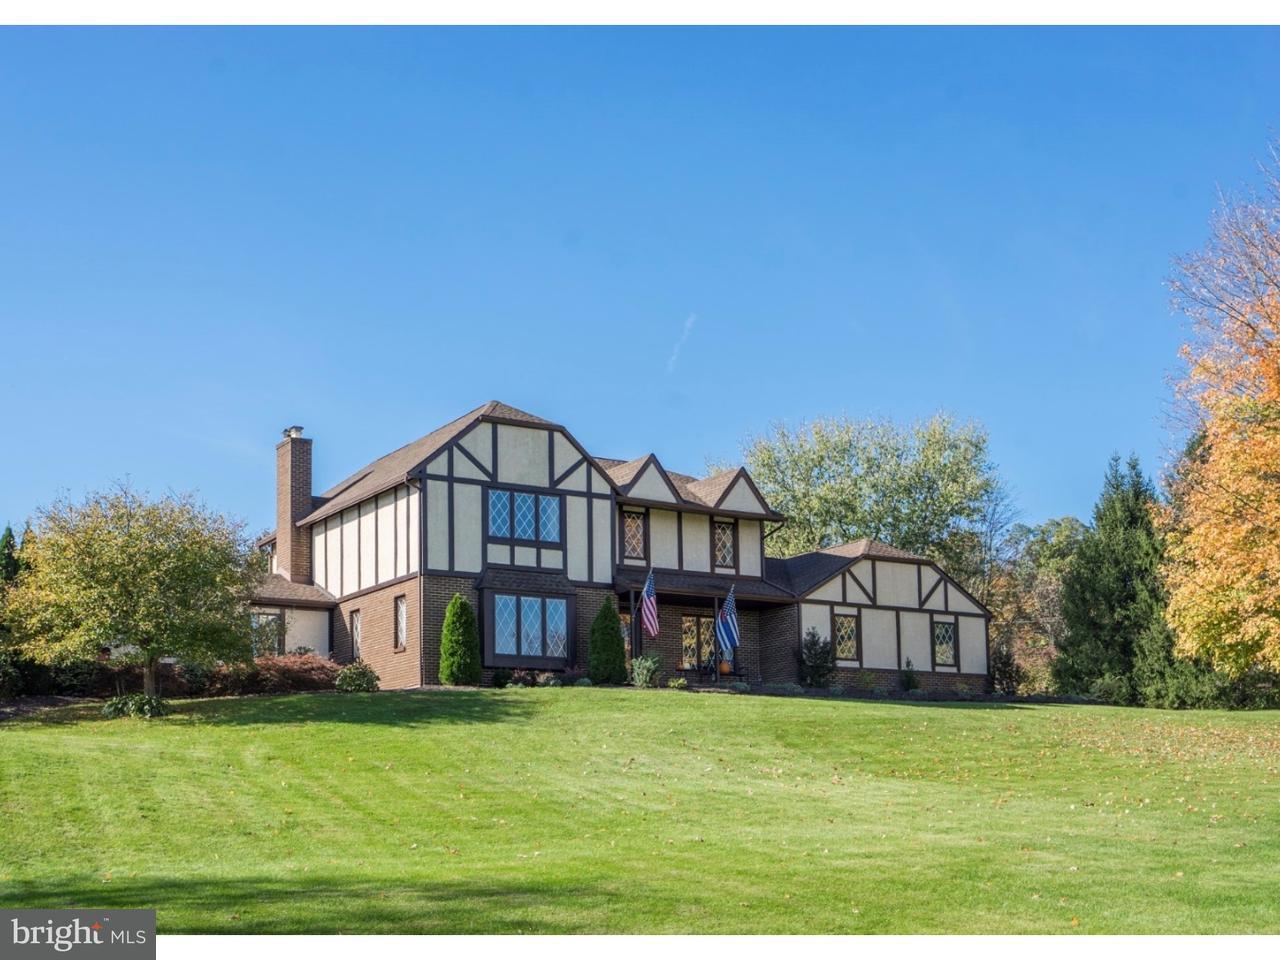 独户住宅 为 销售 在 205 W BRANCH Road Barto, 宾夕法尼亚州 19504 美国